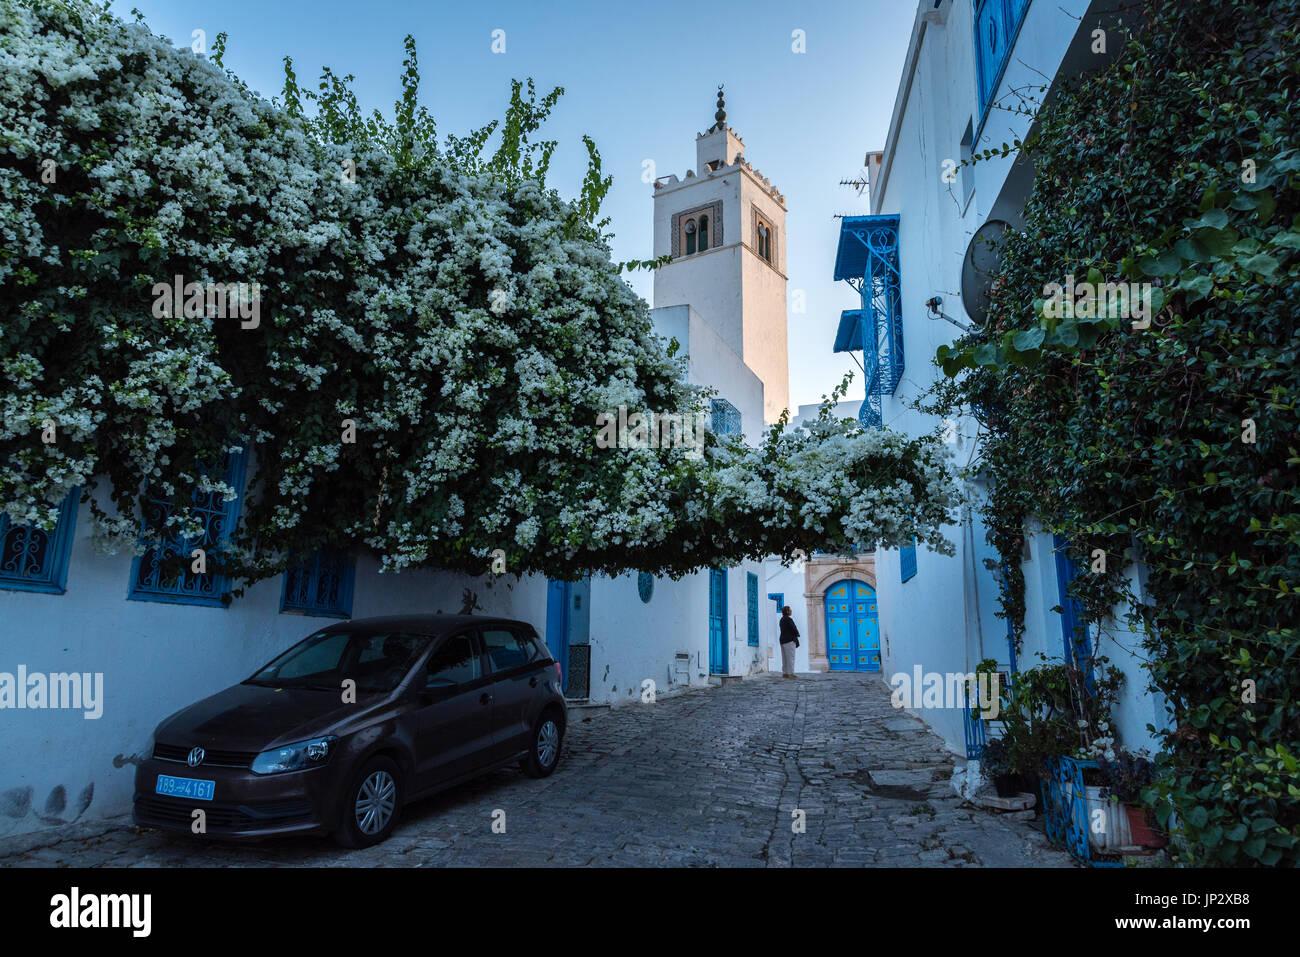 Voiture dans une ruelle, et de la Mosquée Photo Stock